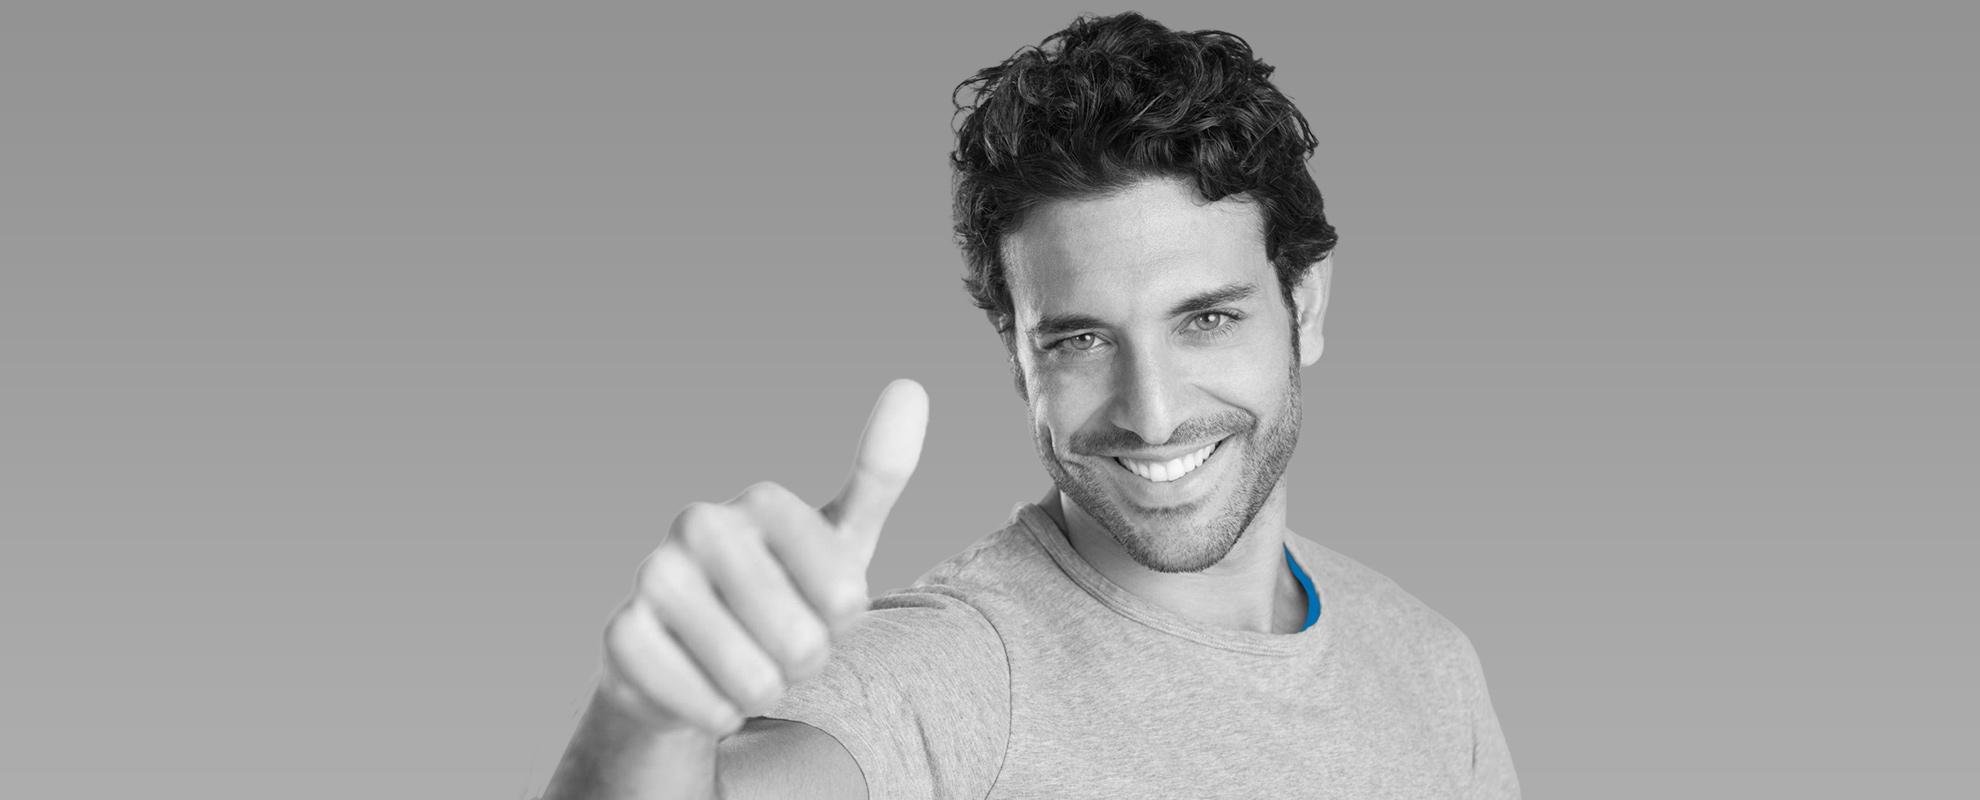 Ortodoncia en Adultos - Precio y opiniones en A Coruña